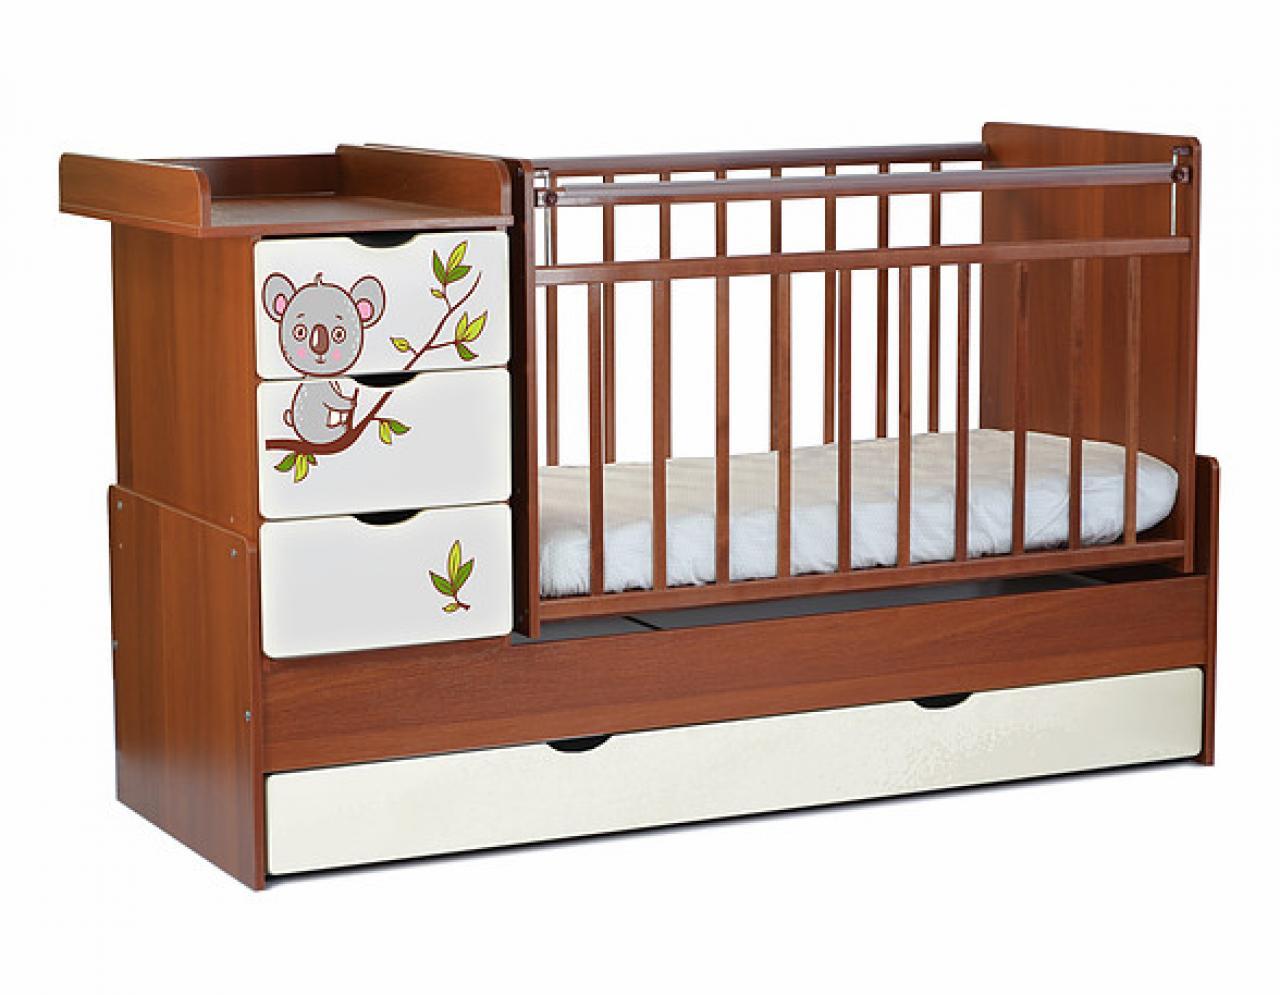 Оригинальная деревянная кроватка для ребенка